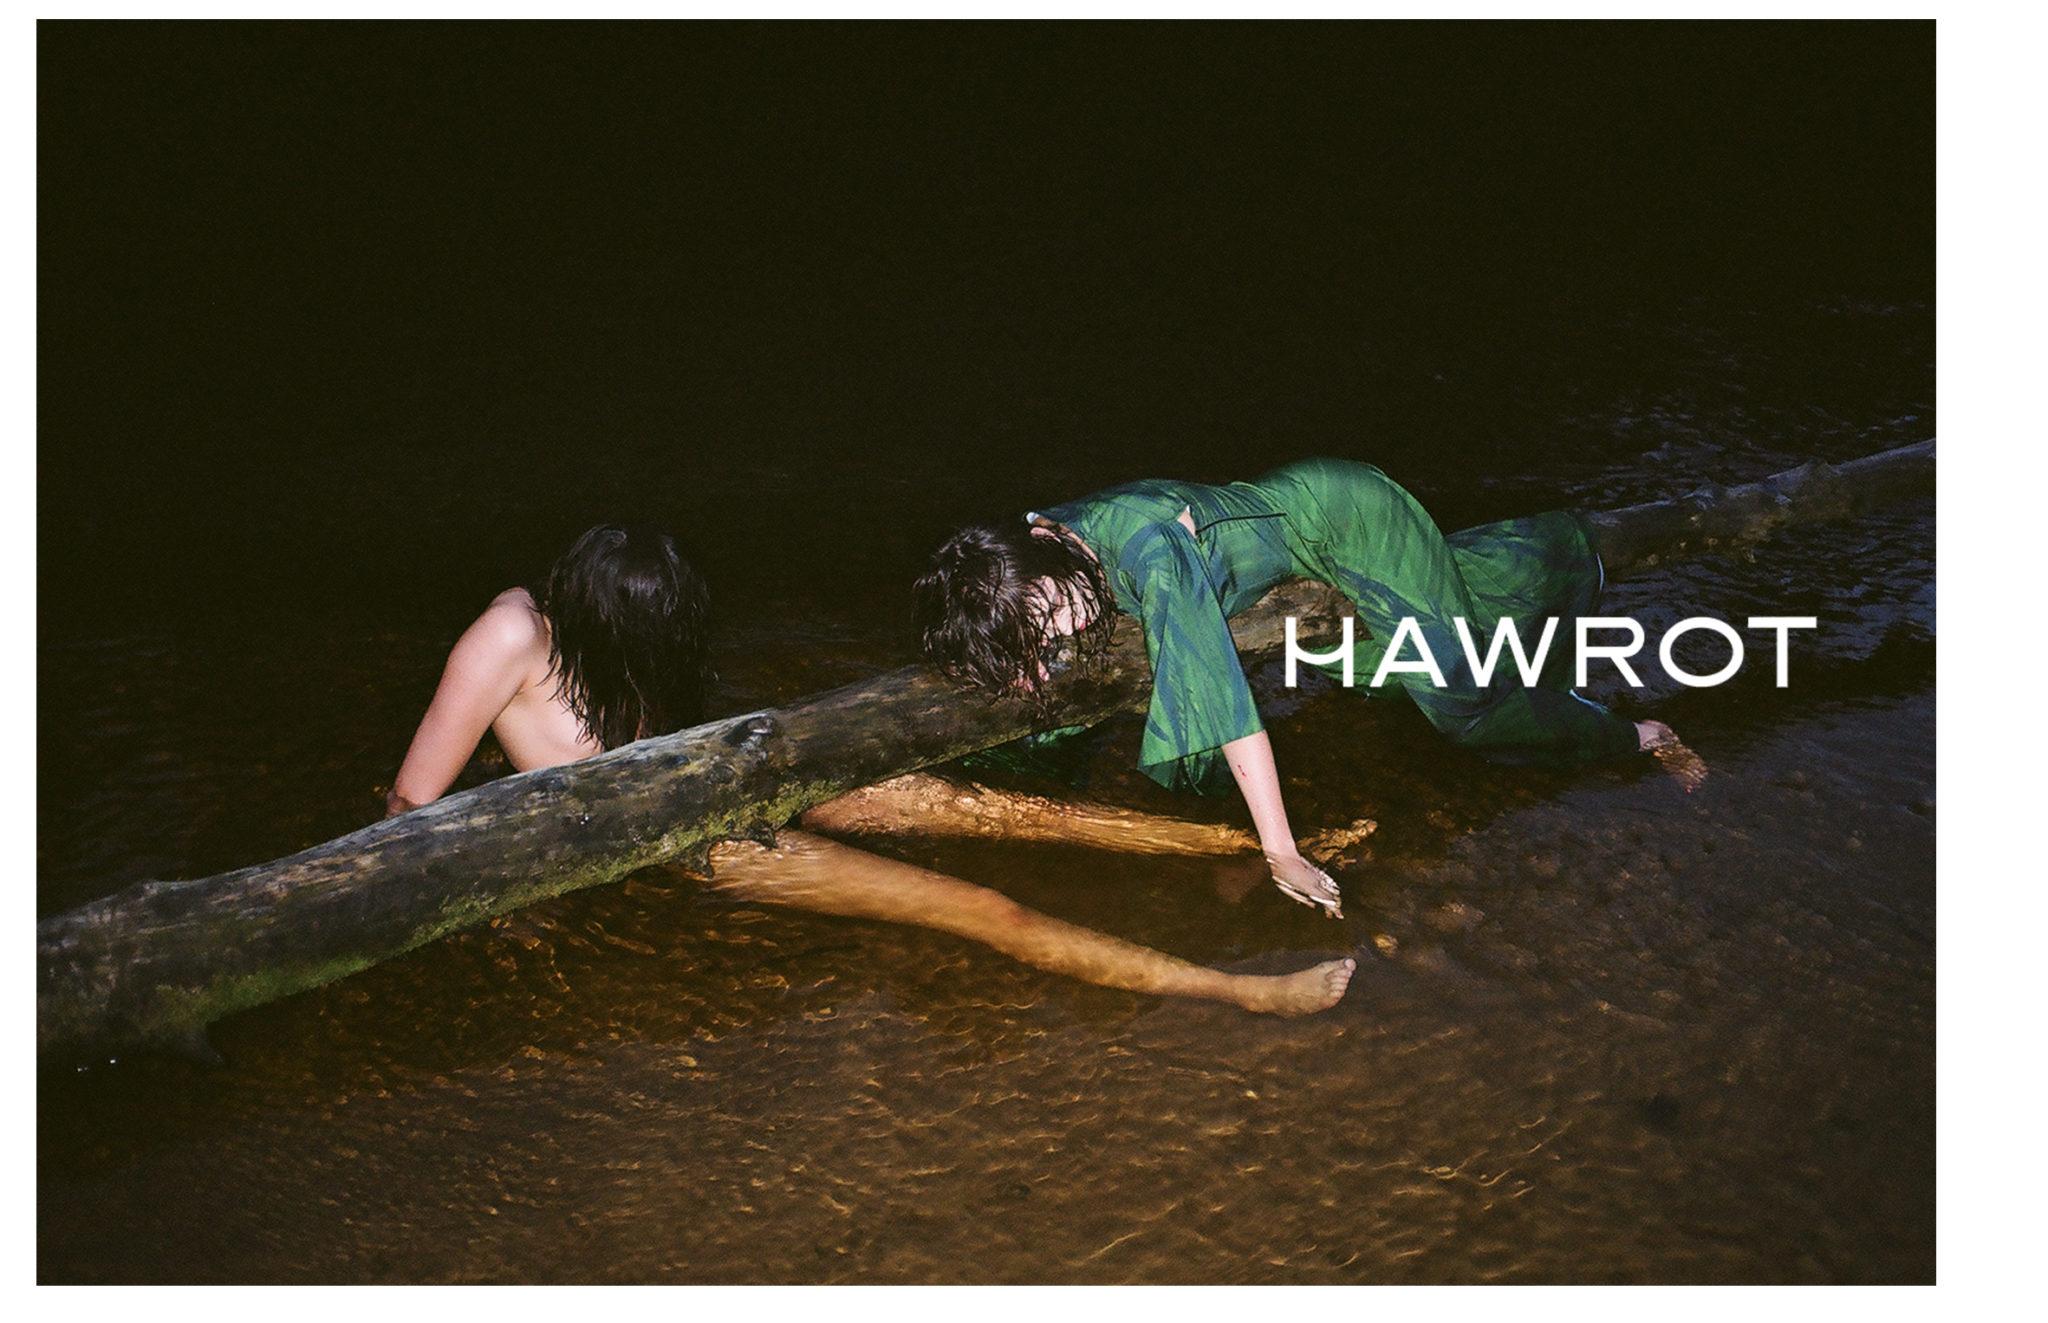 Na zdjeciu w nocy widzimy dwie mlode dziewczyny jedna lezy w wodzie druga lezy na pniu